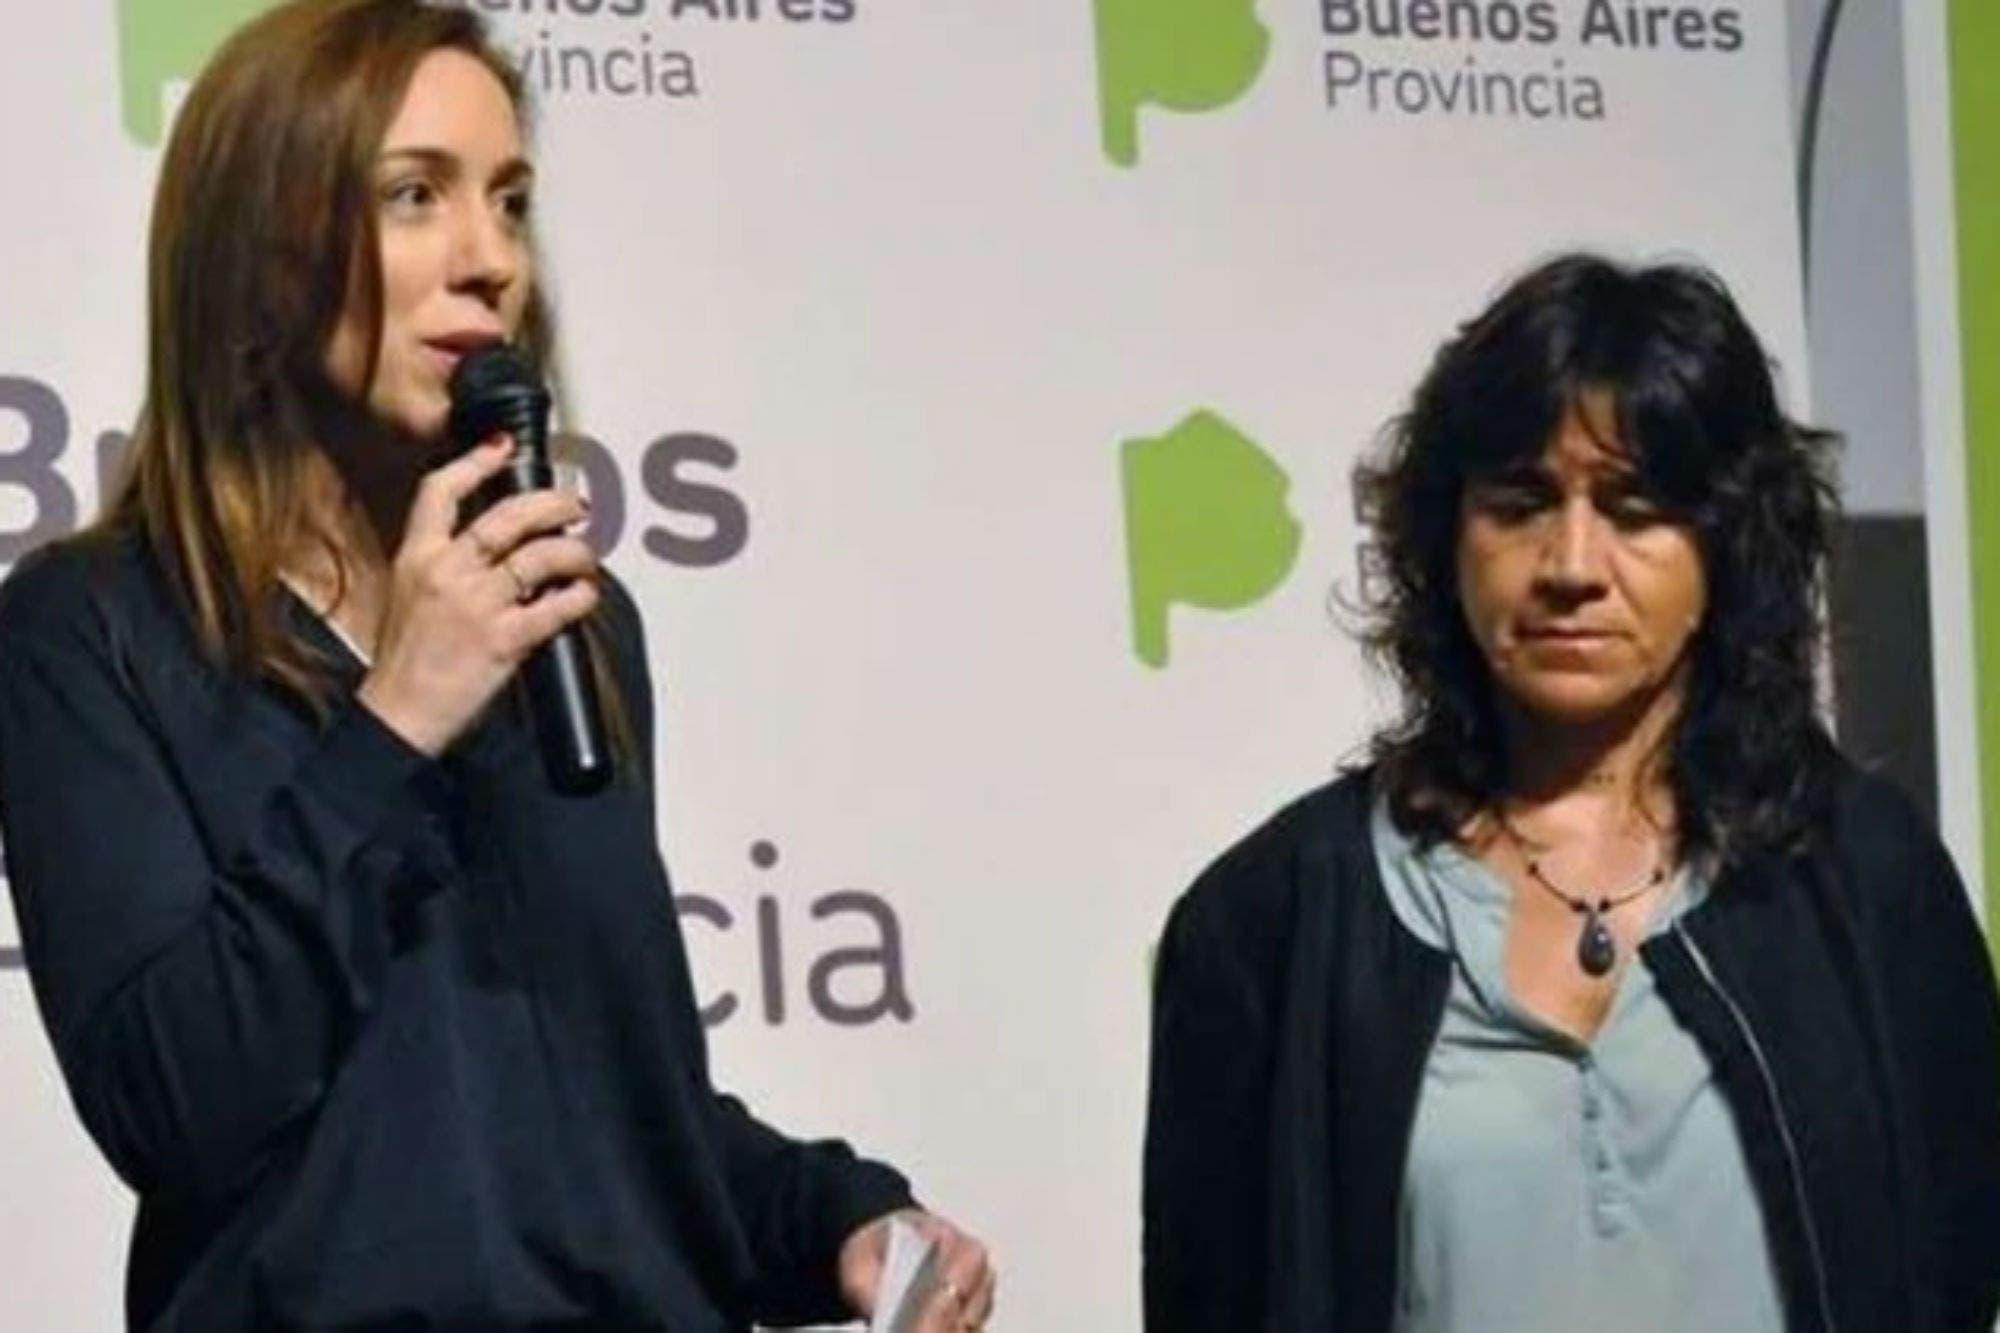 Tres años atrás, María Eugenia Vidal también frenó la aplicación de un protocolo de aborto no punible